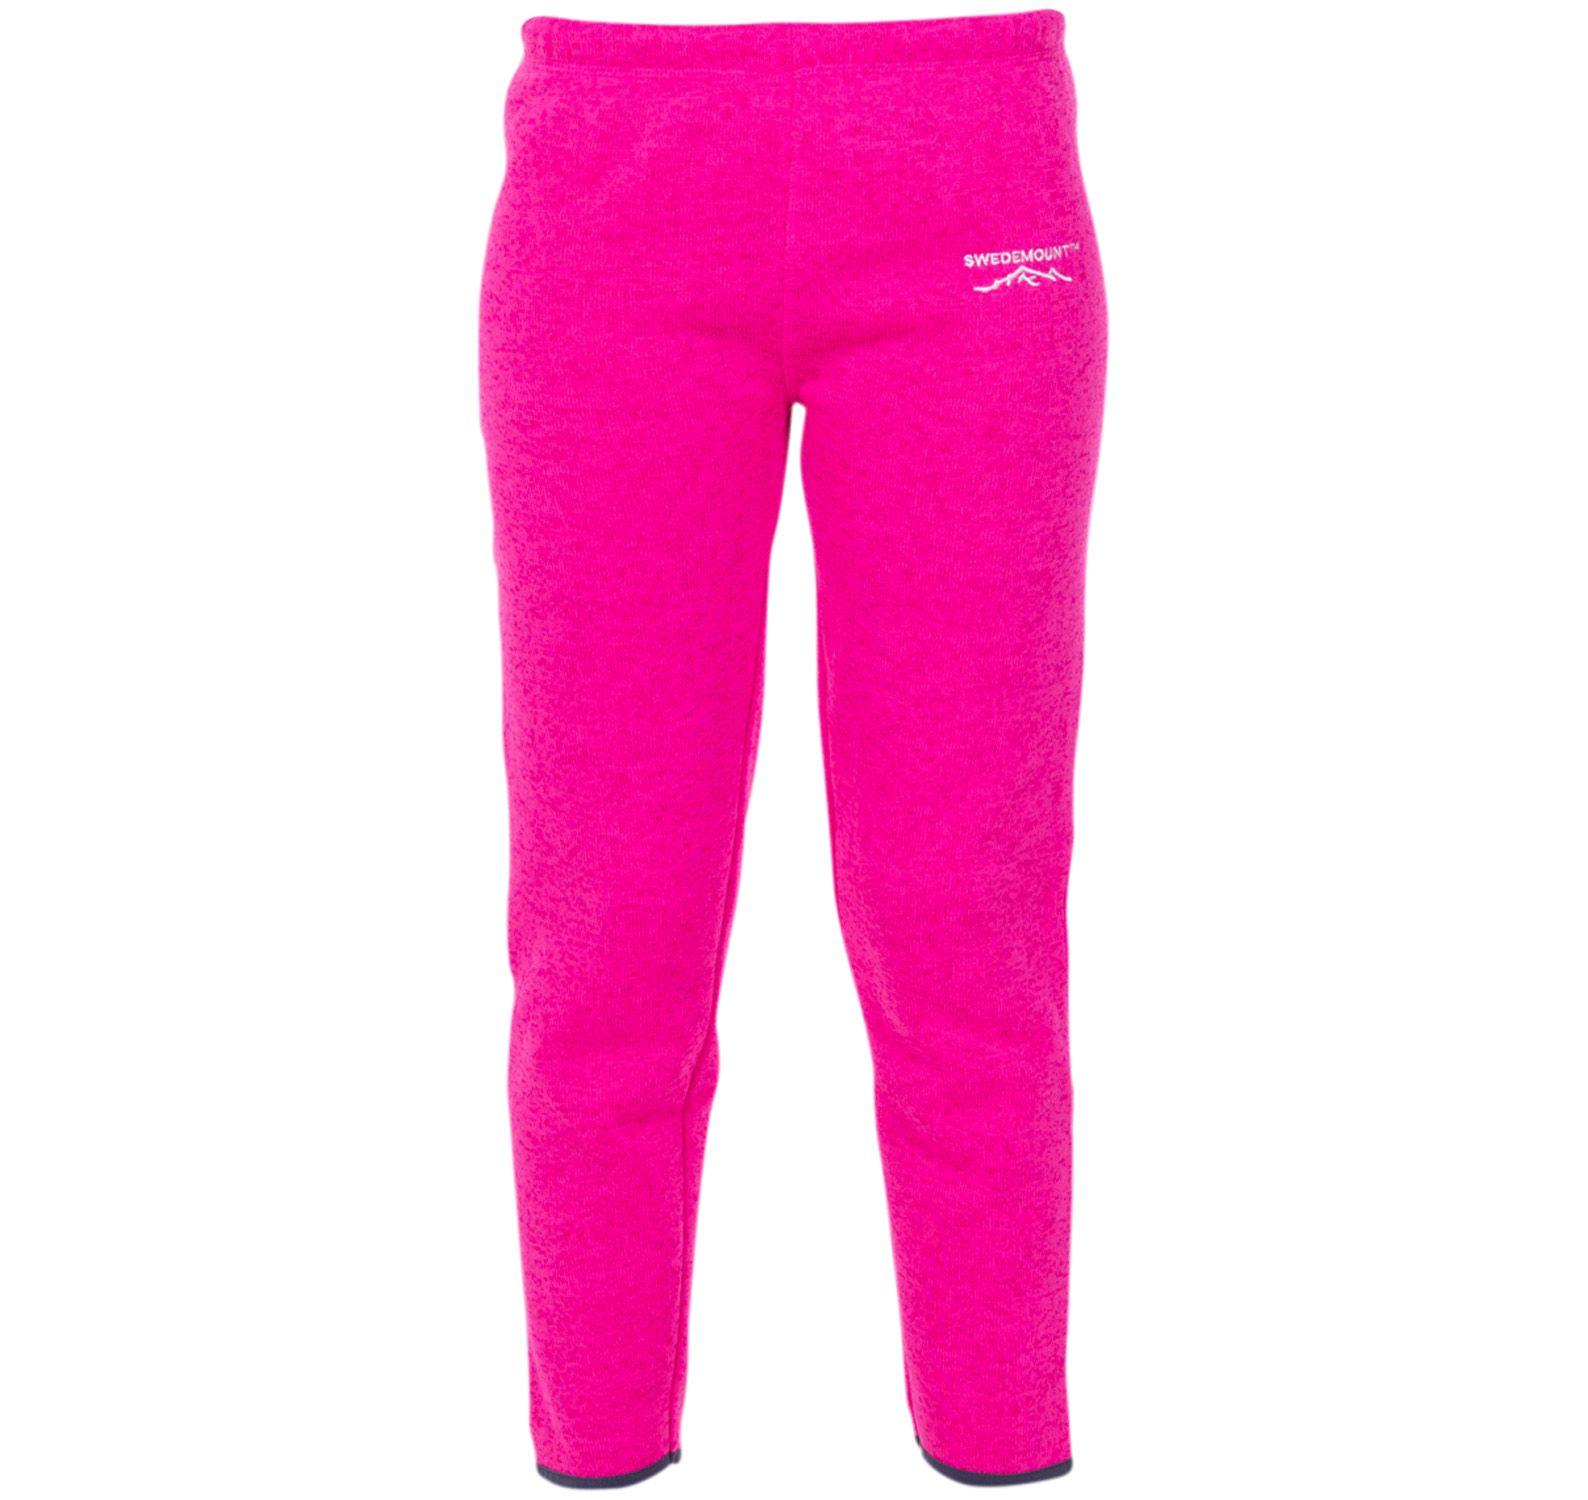 reykjavik fleece pants jr, fresh pink melange, 130